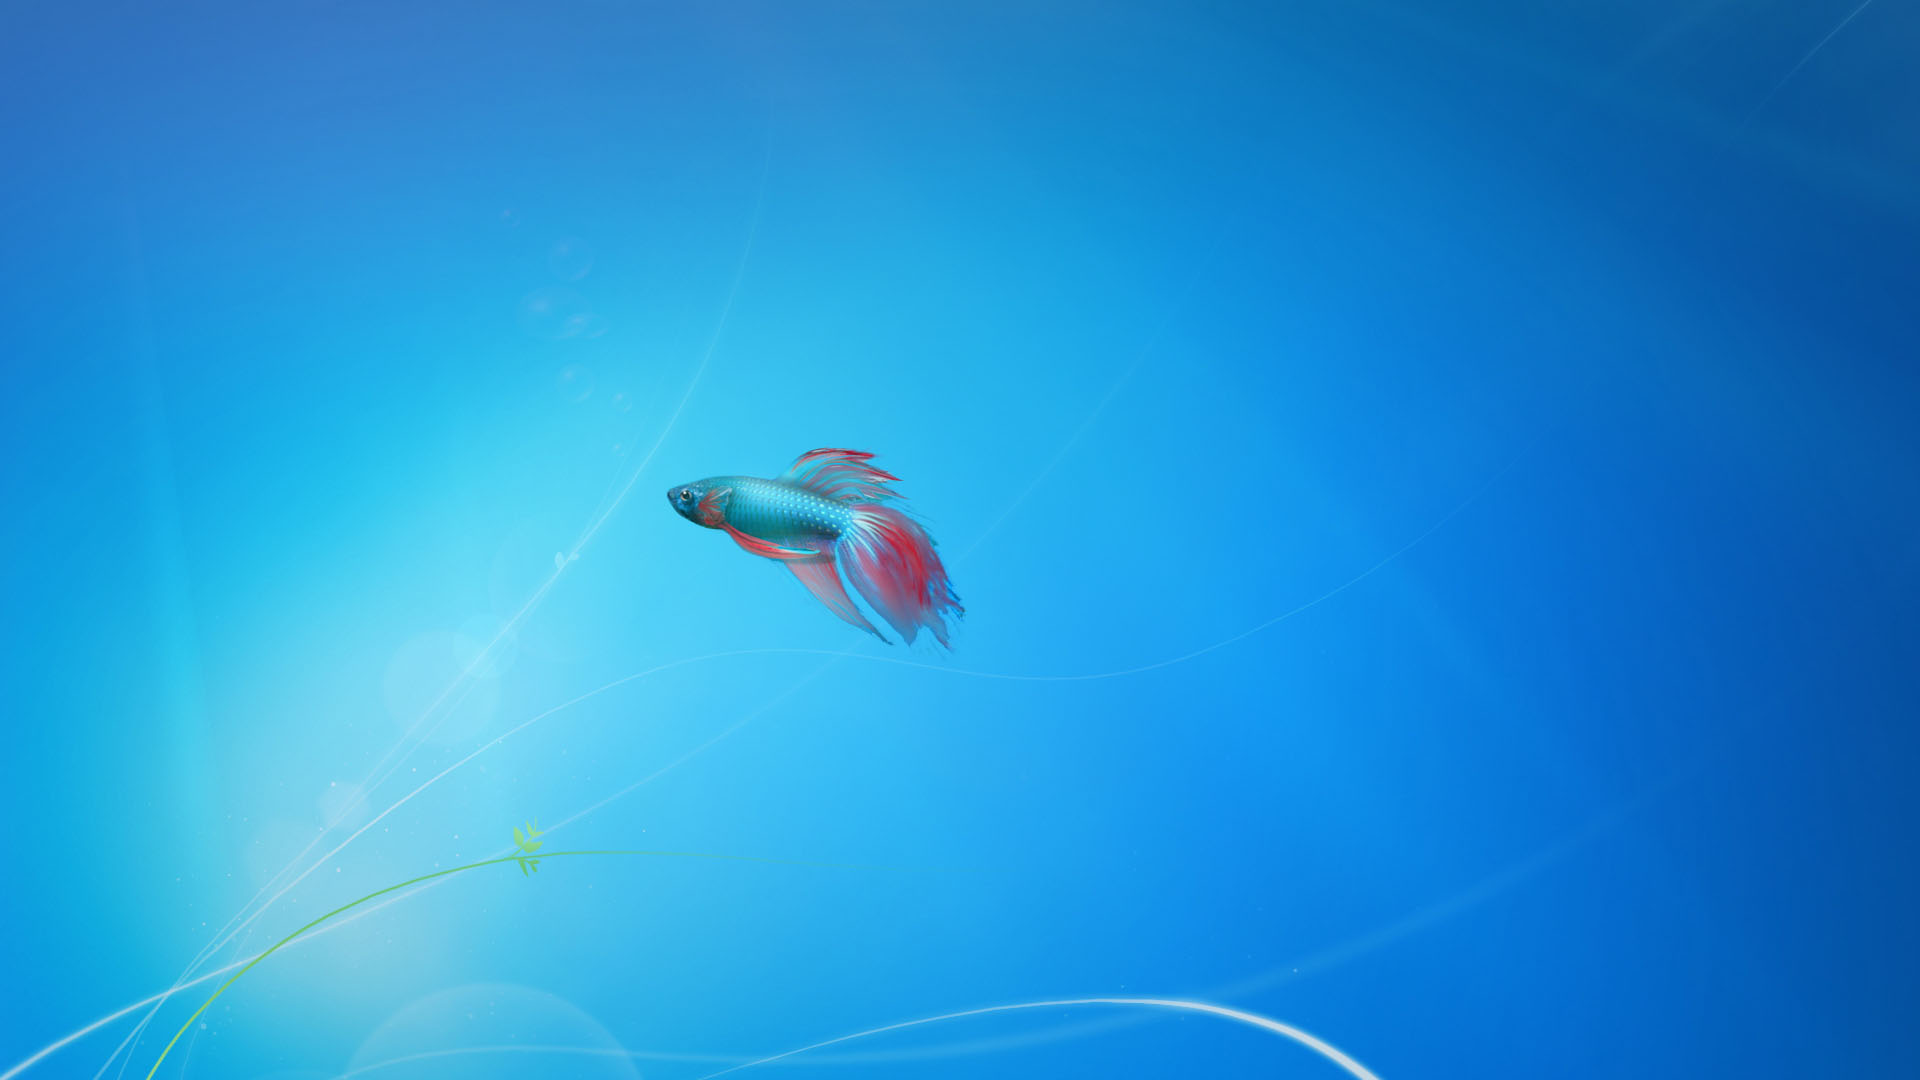 Windows 7 Fish   Wallpaper 139 1920x1080